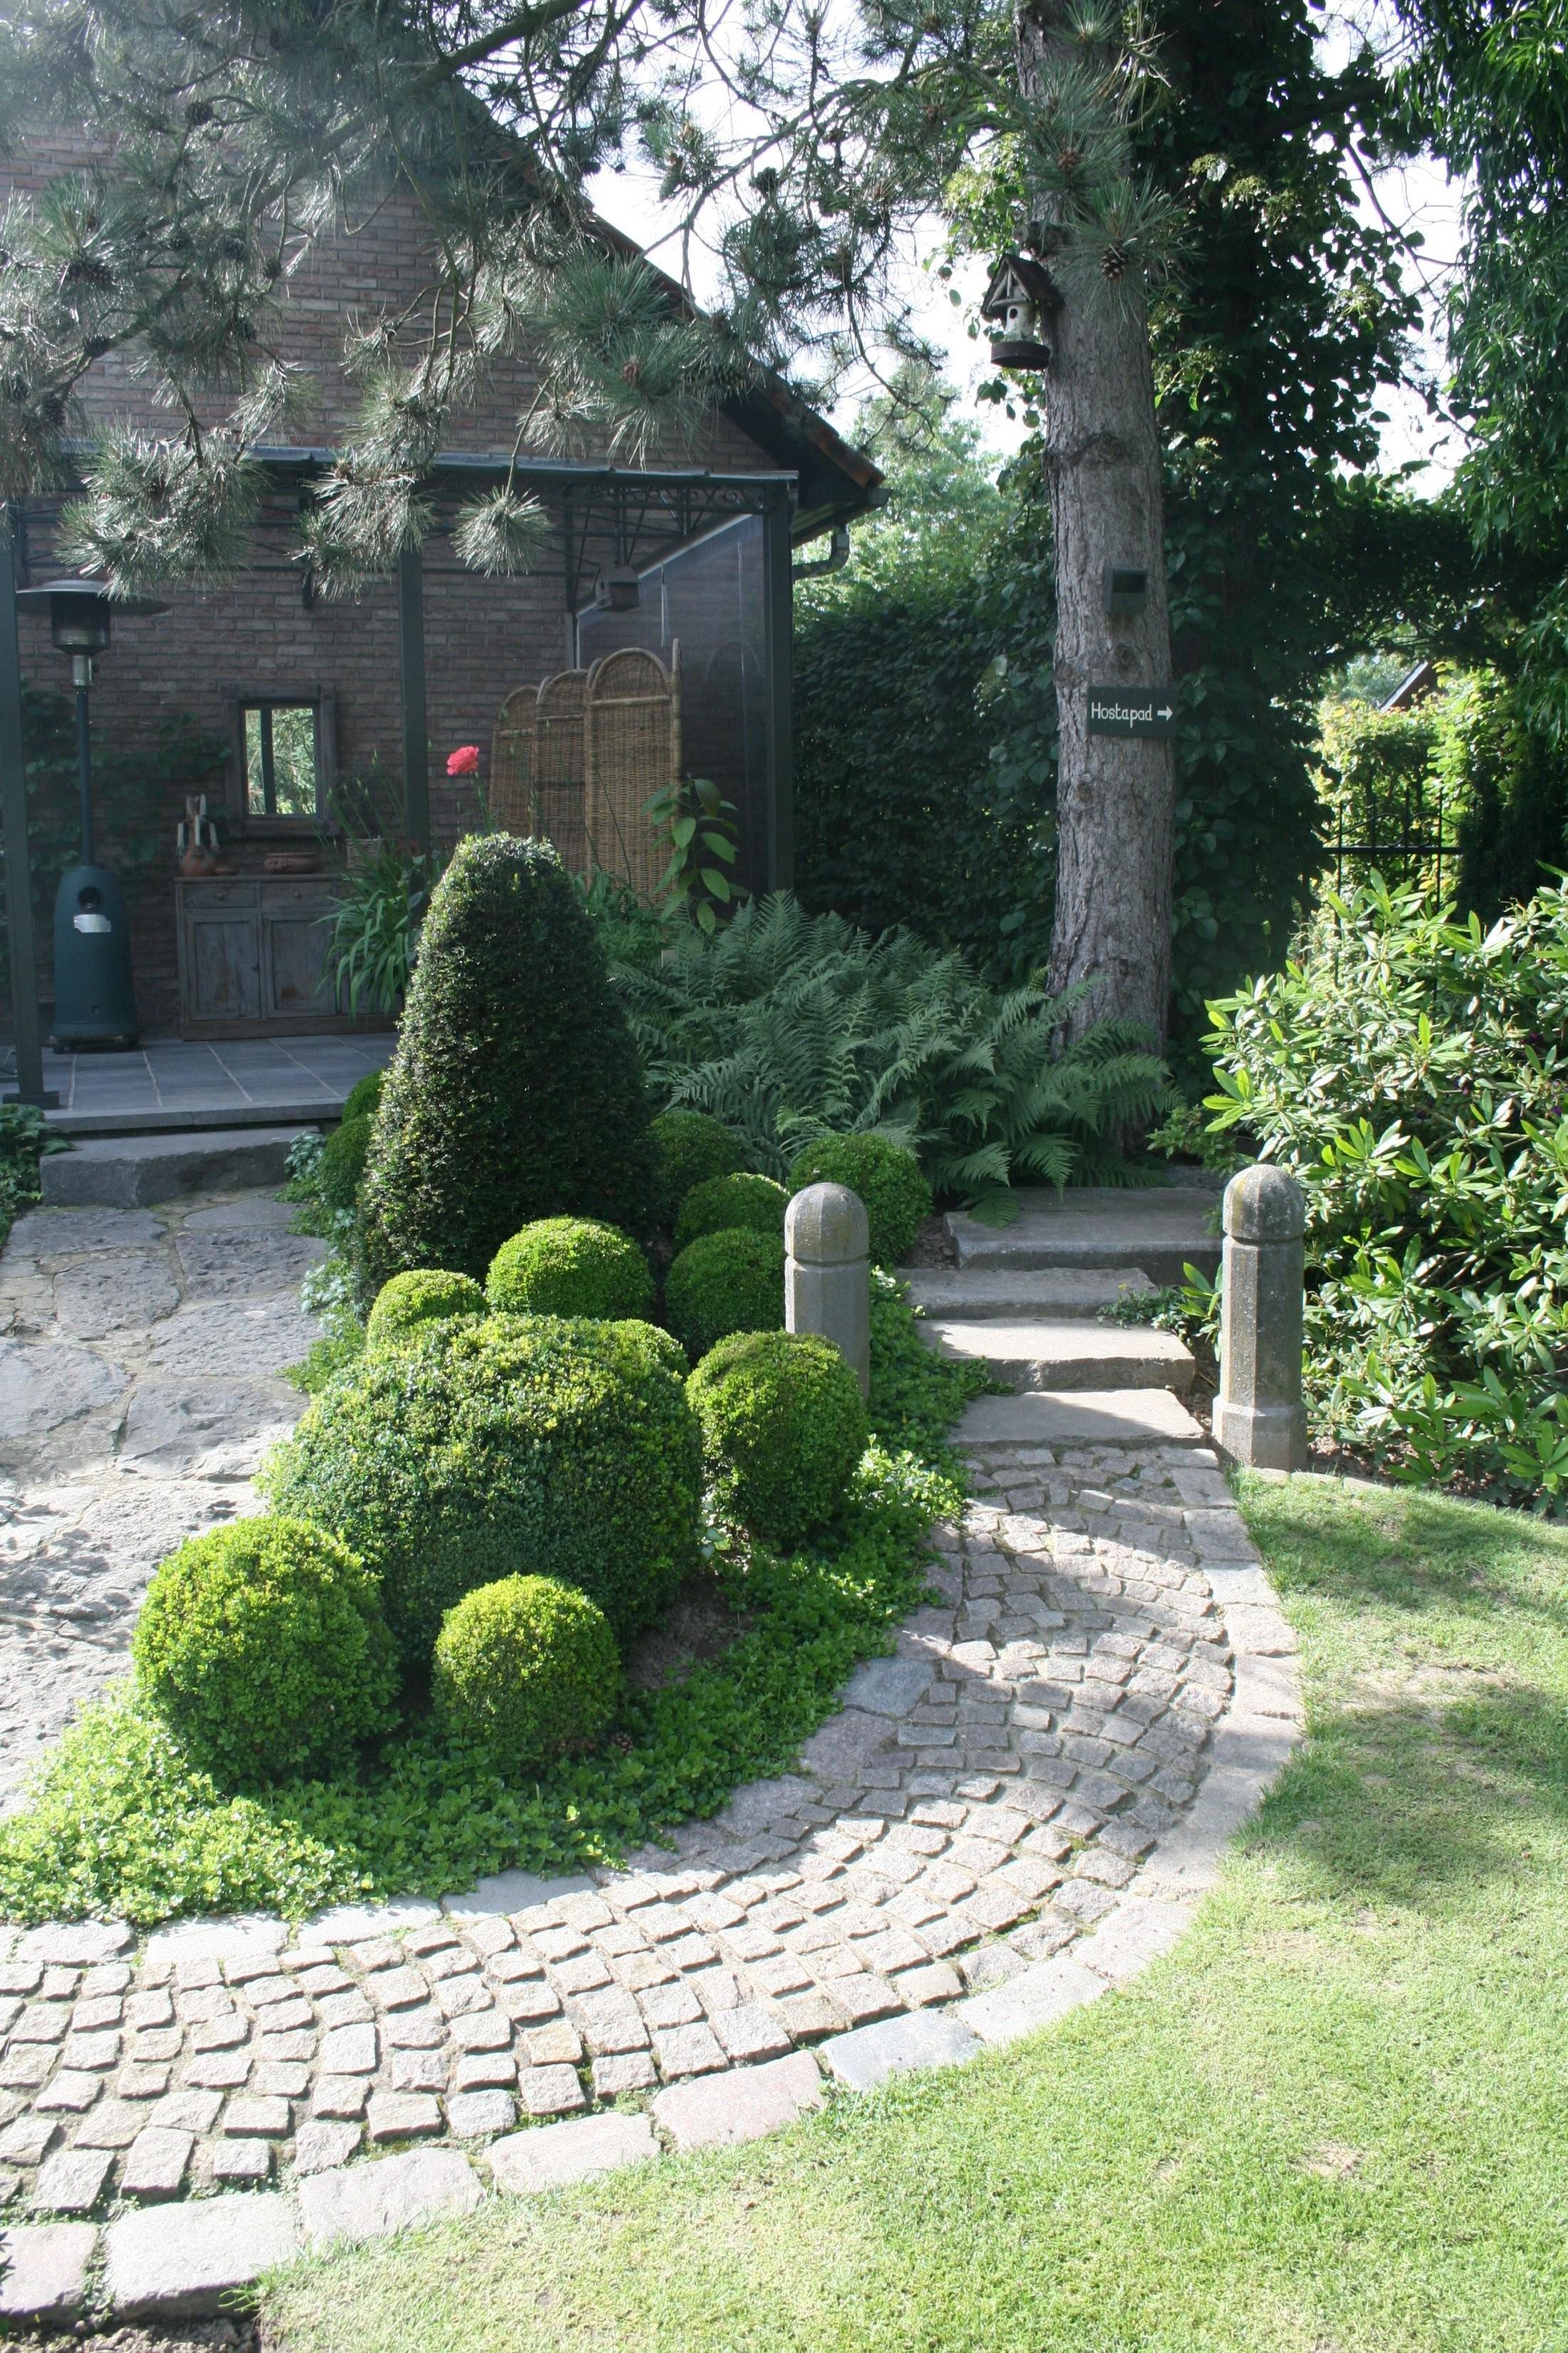 Tolle Deko Ideen Mit Steinen Im Garten Konzept Design Inside von Garten Dekorieren Mit Steinen Photo